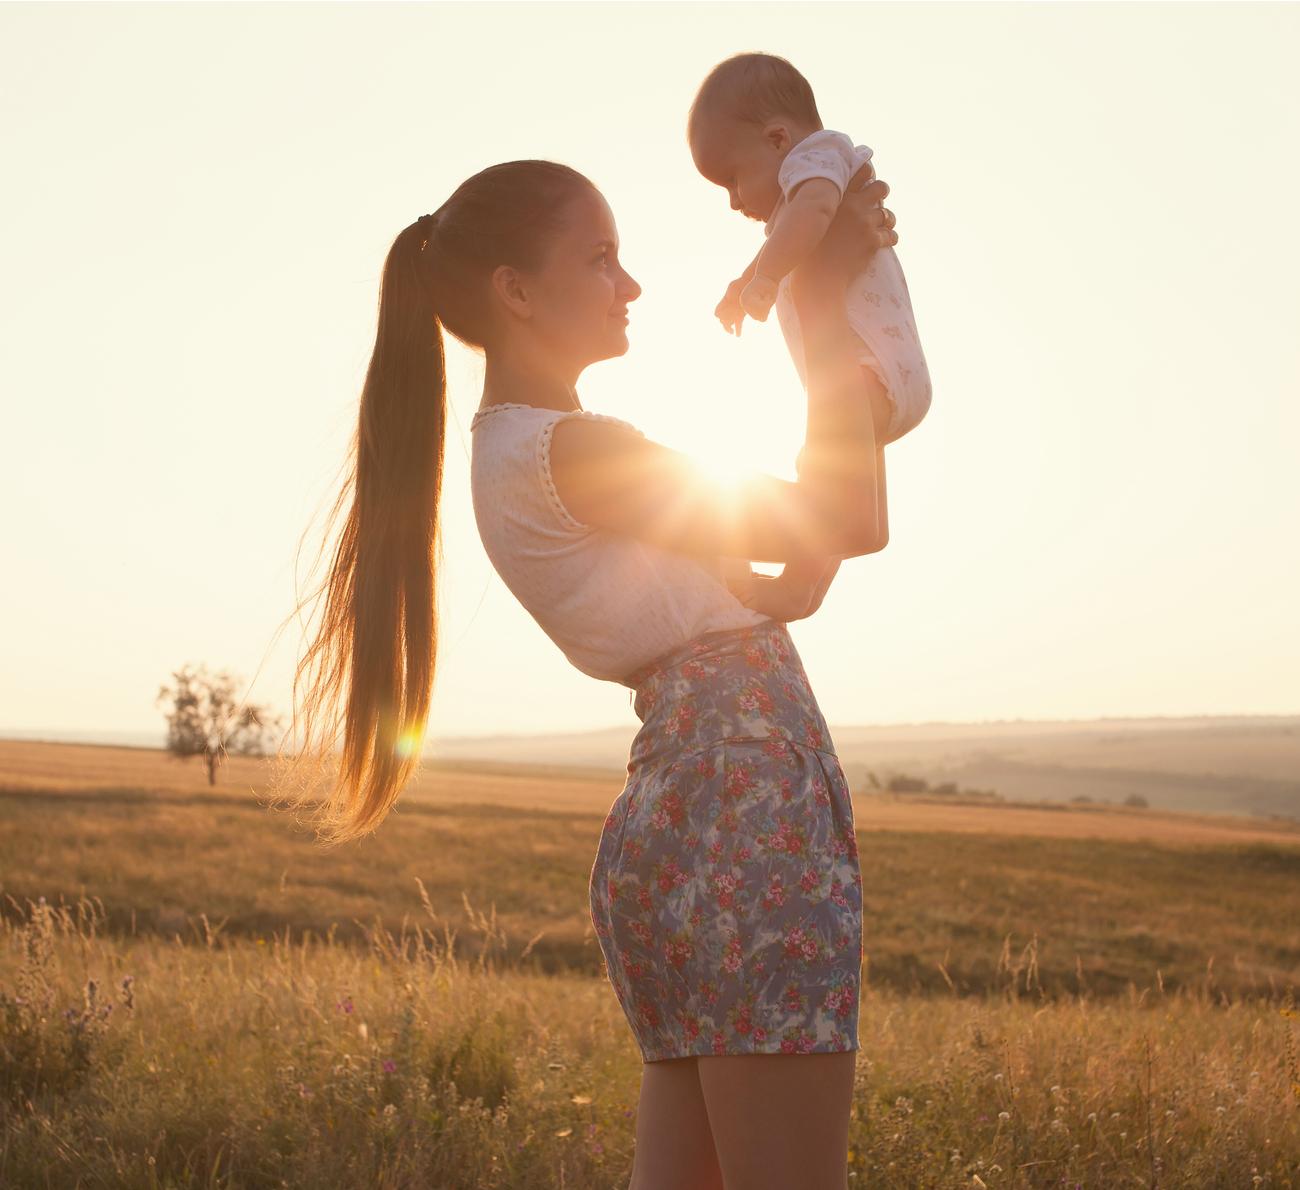 culpa materna